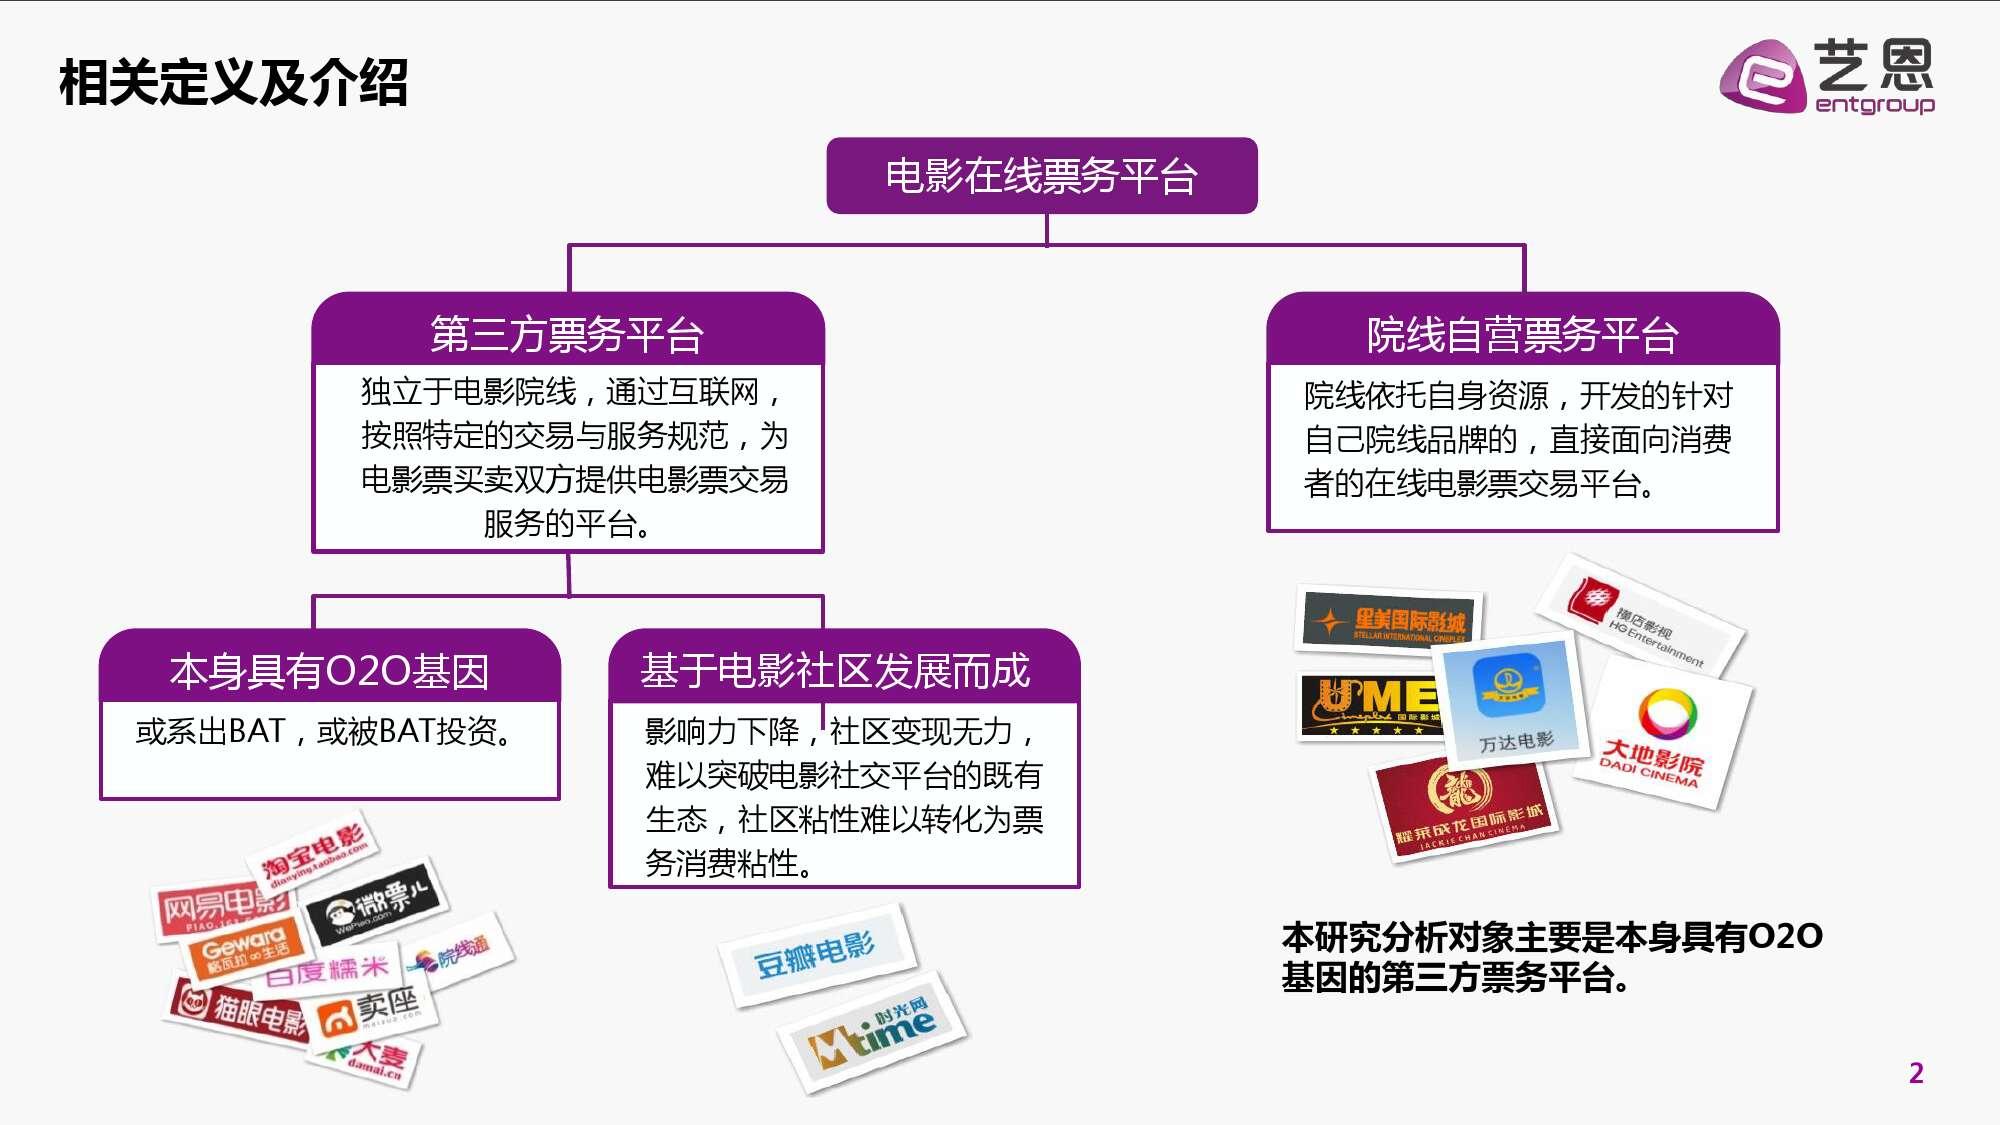 2016年中国电影在线票务市场研究报告_000002